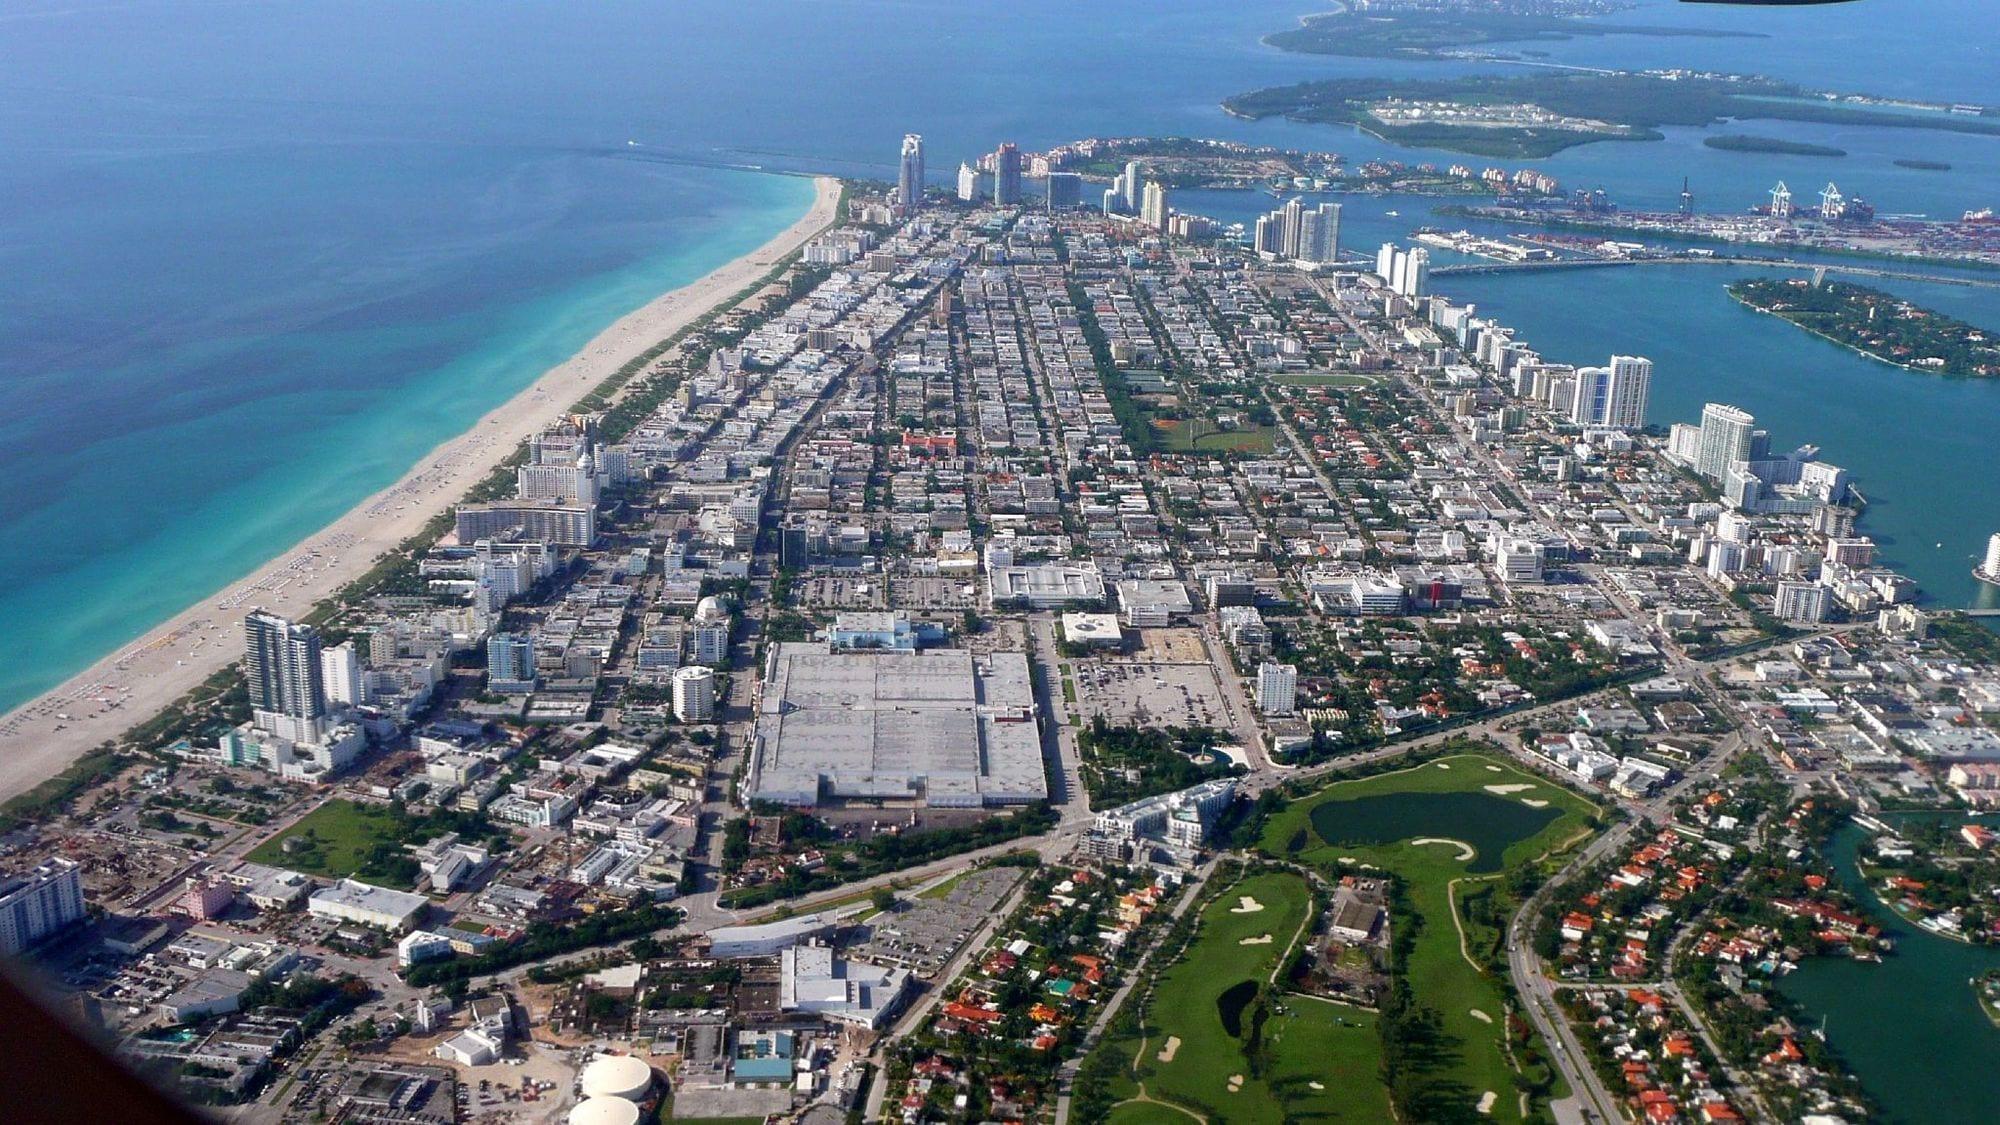 مدينة فلوريدا الأمريكية